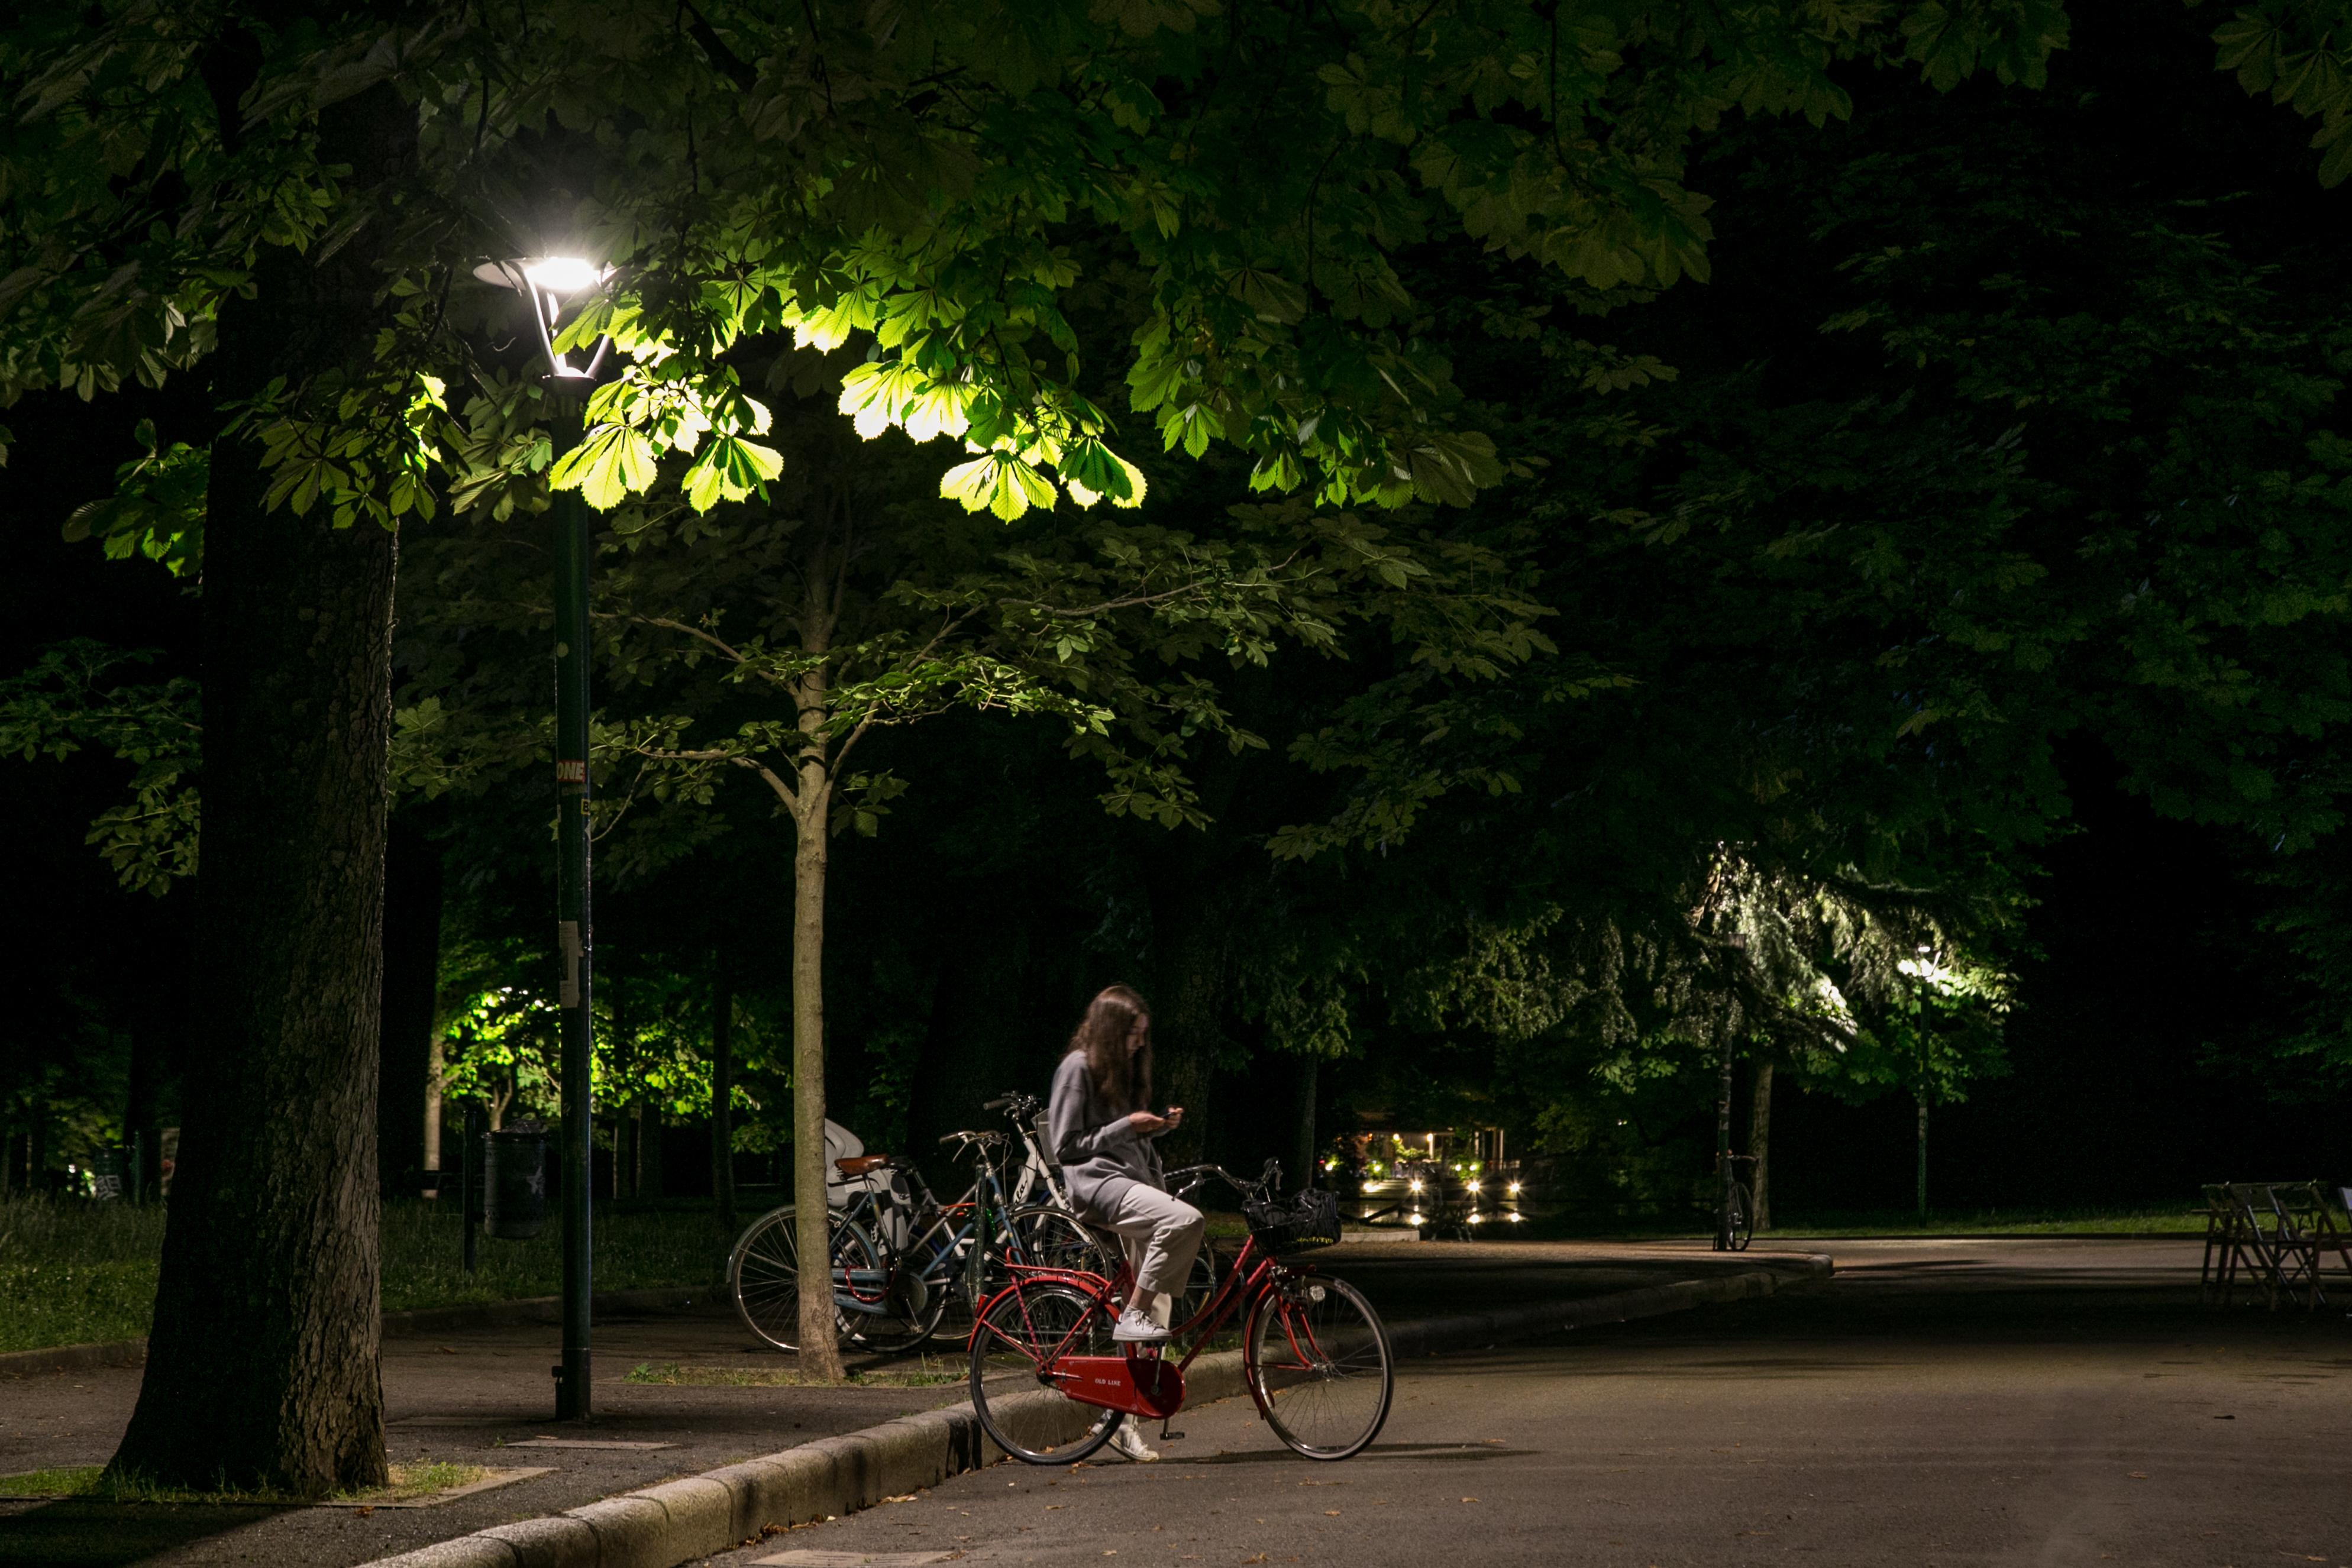 Nuova illuminazione per giardini margherita e montagnola iperbole